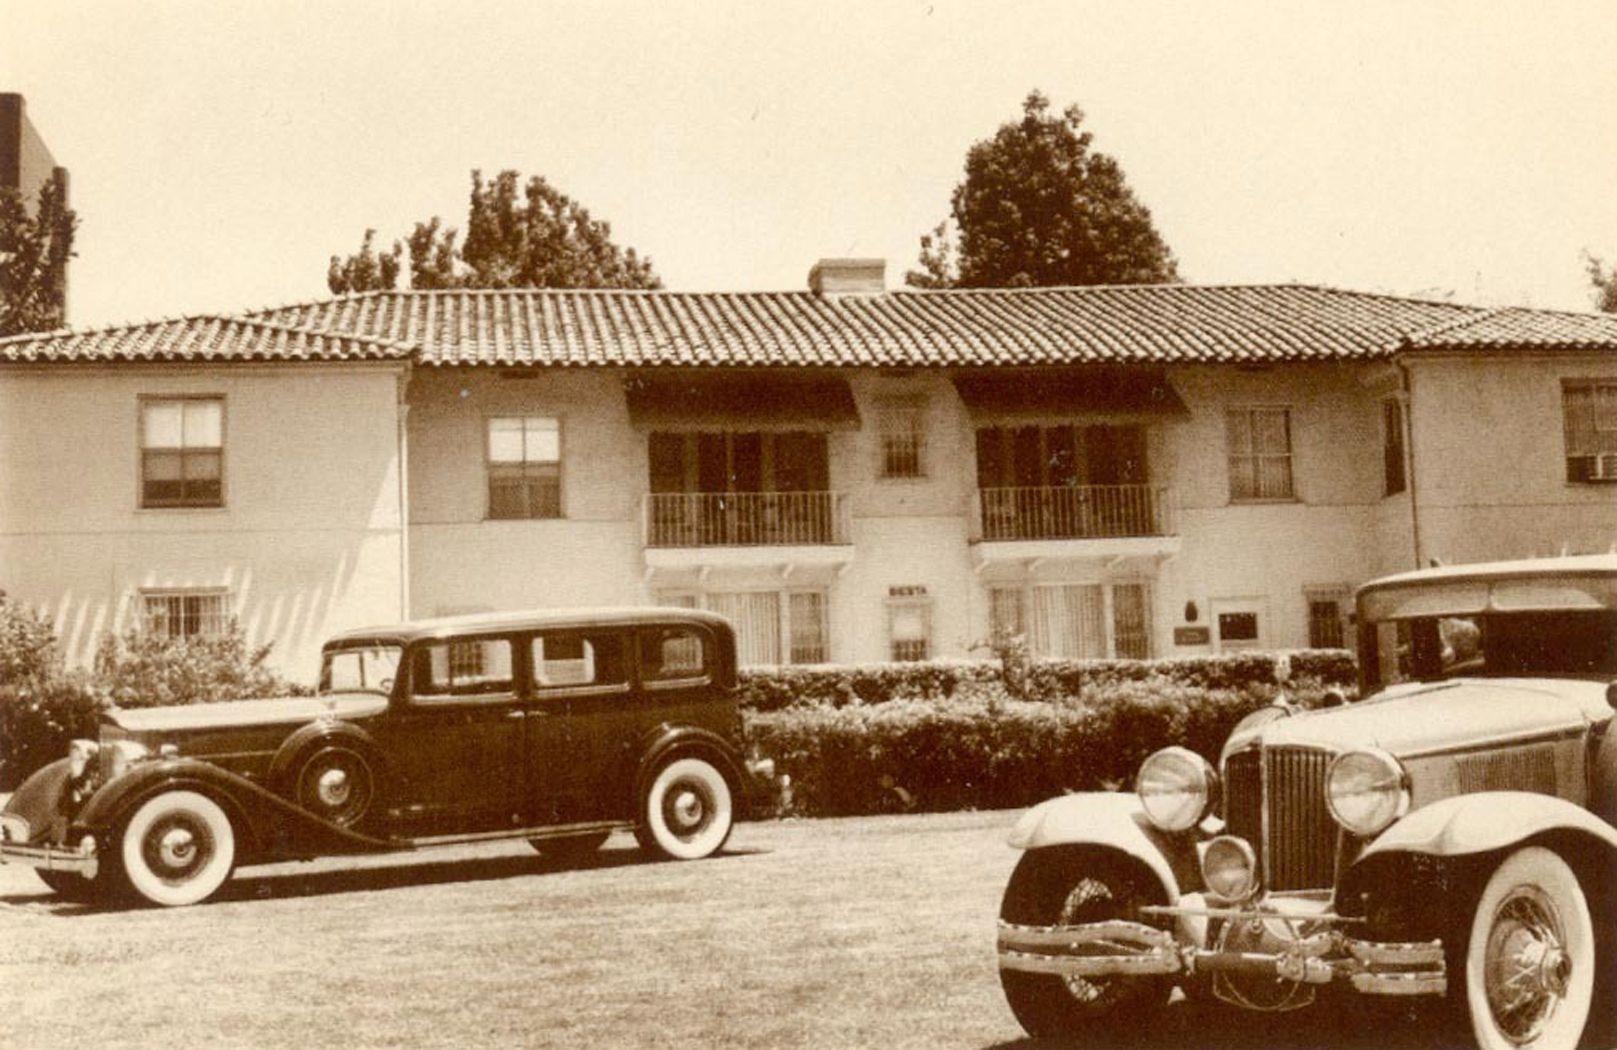 Ambassador Hotel' Siesta Bungalow Cottage In